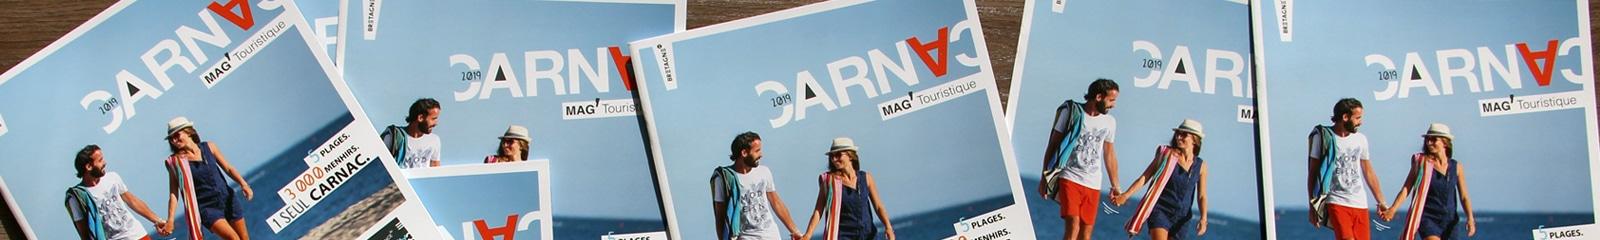 Mag' touristique édité par l'OT Carnac